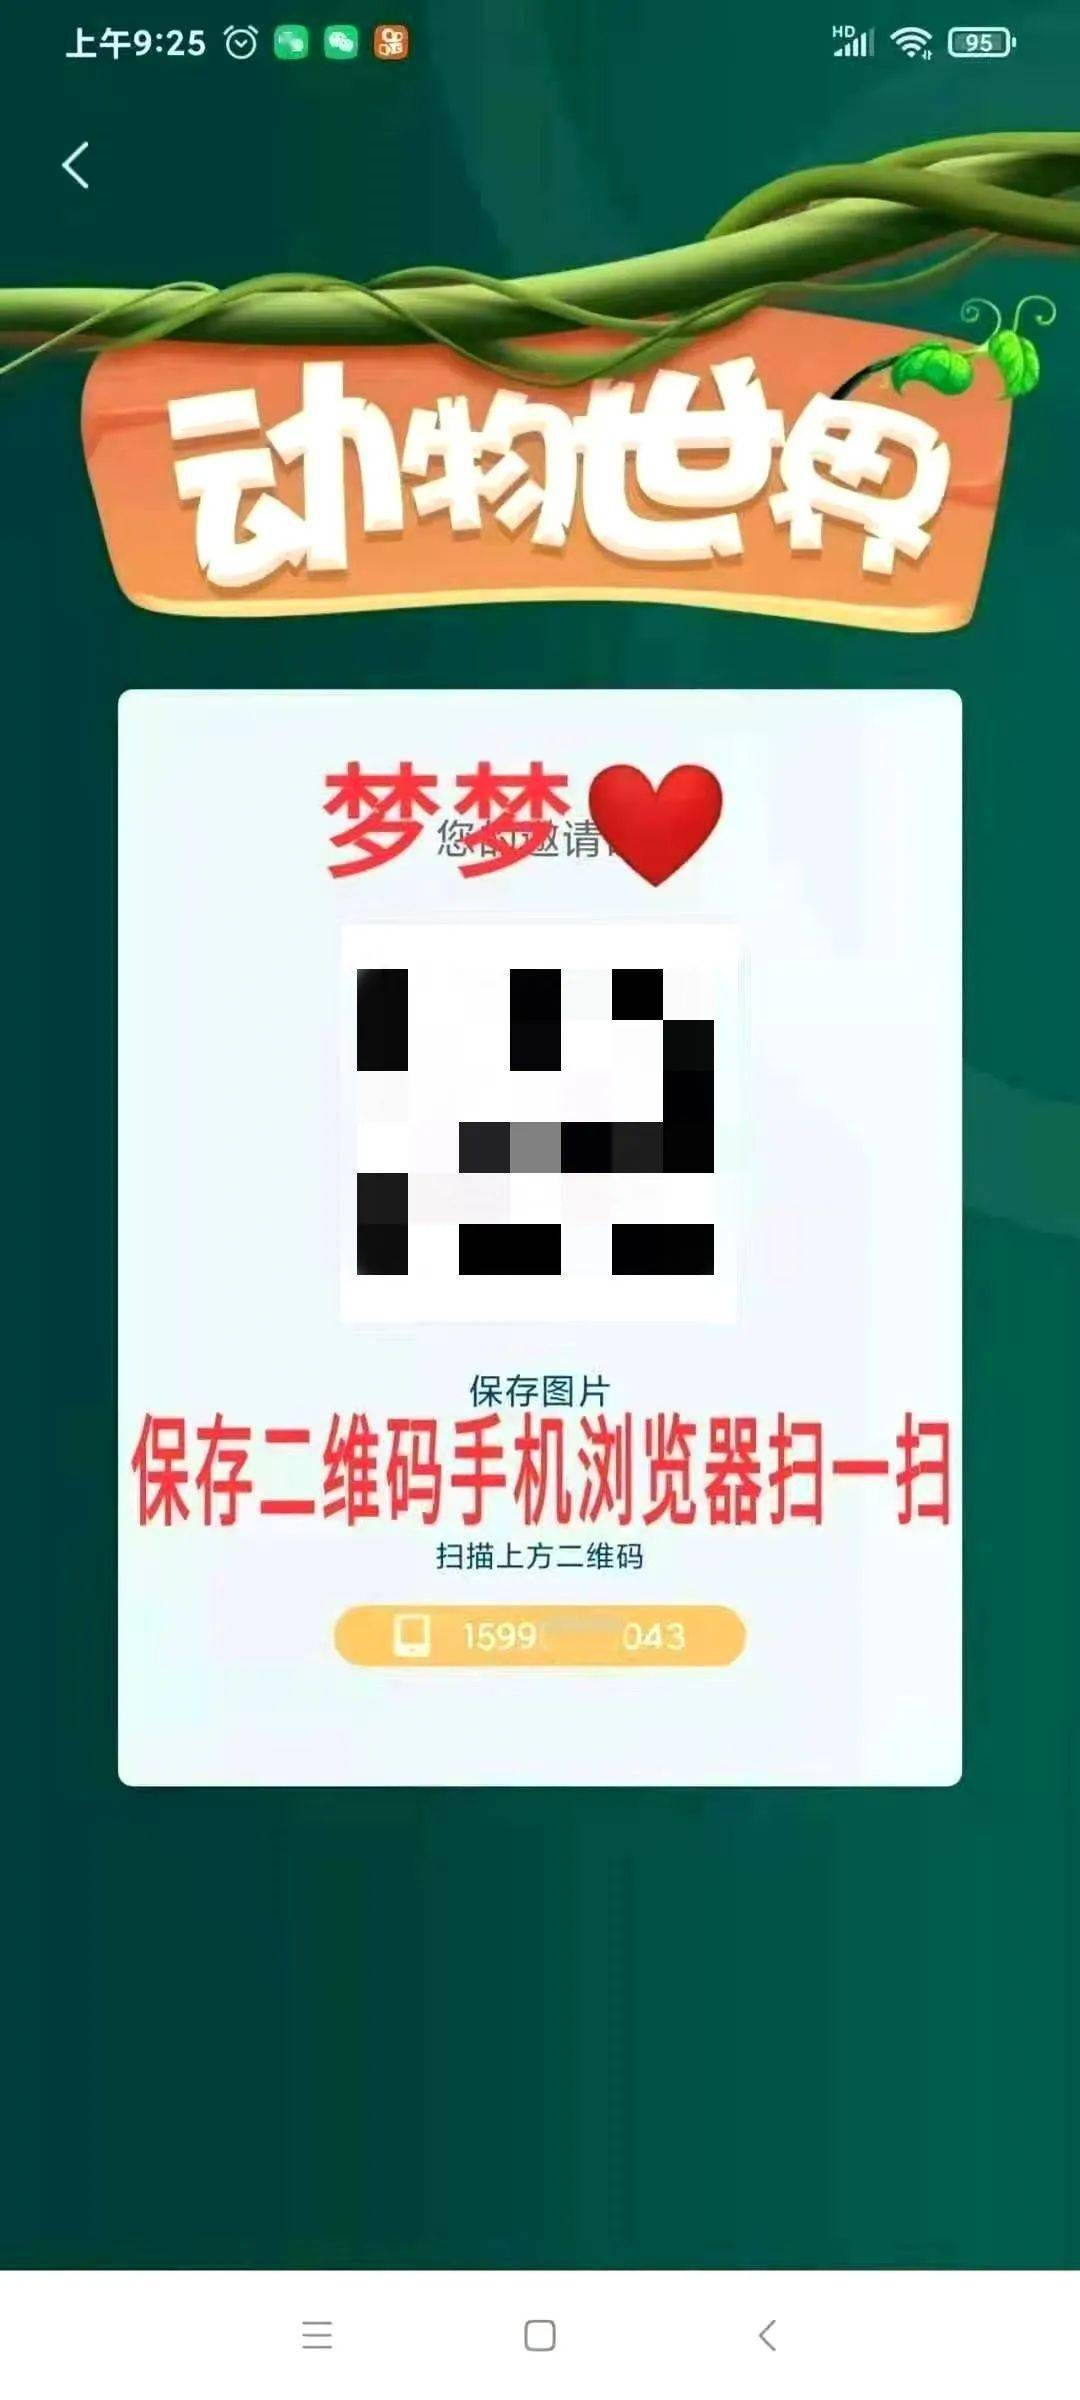 动物世界app崩盘!涉及金额上百亿 温州已有数百人受骗!【欧冠足球游戏】(图2)